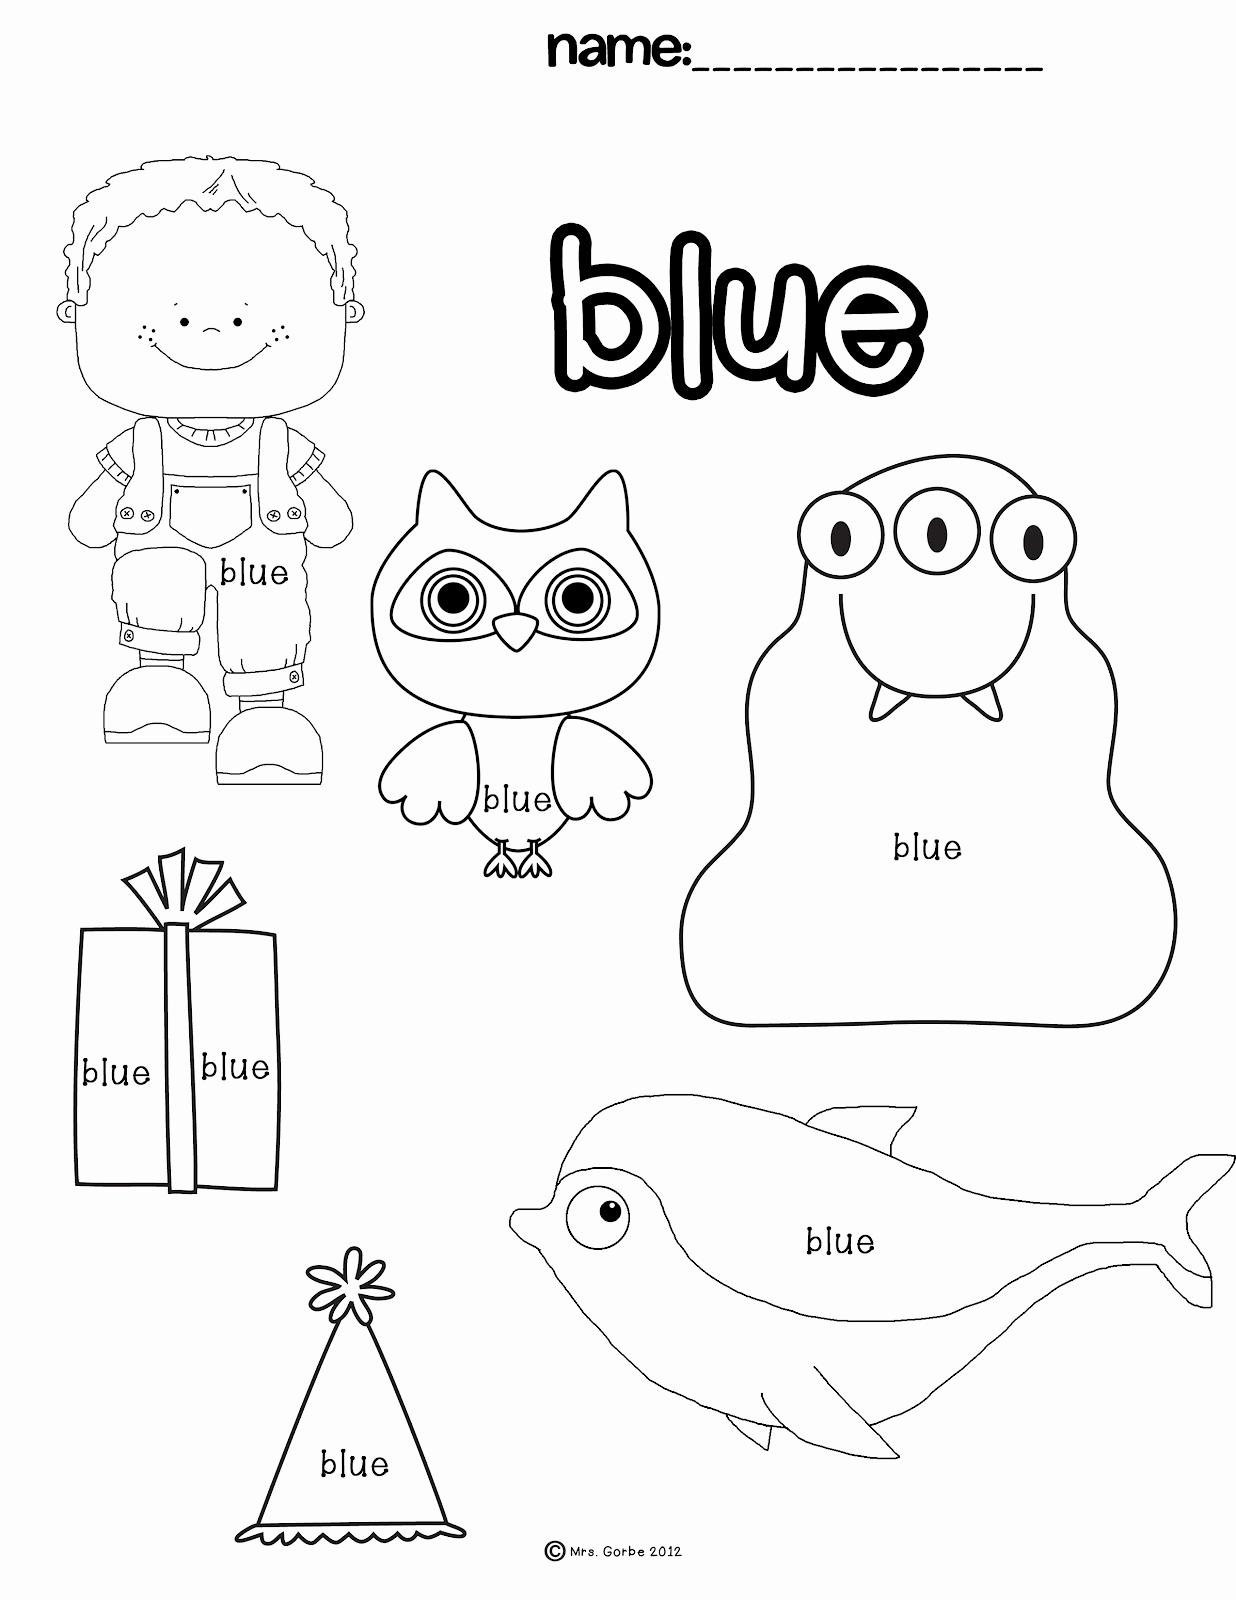 Color Blue Worksheets for Preschool Best Of Color Blue Worksheets Preschool Sketch Coloring Page